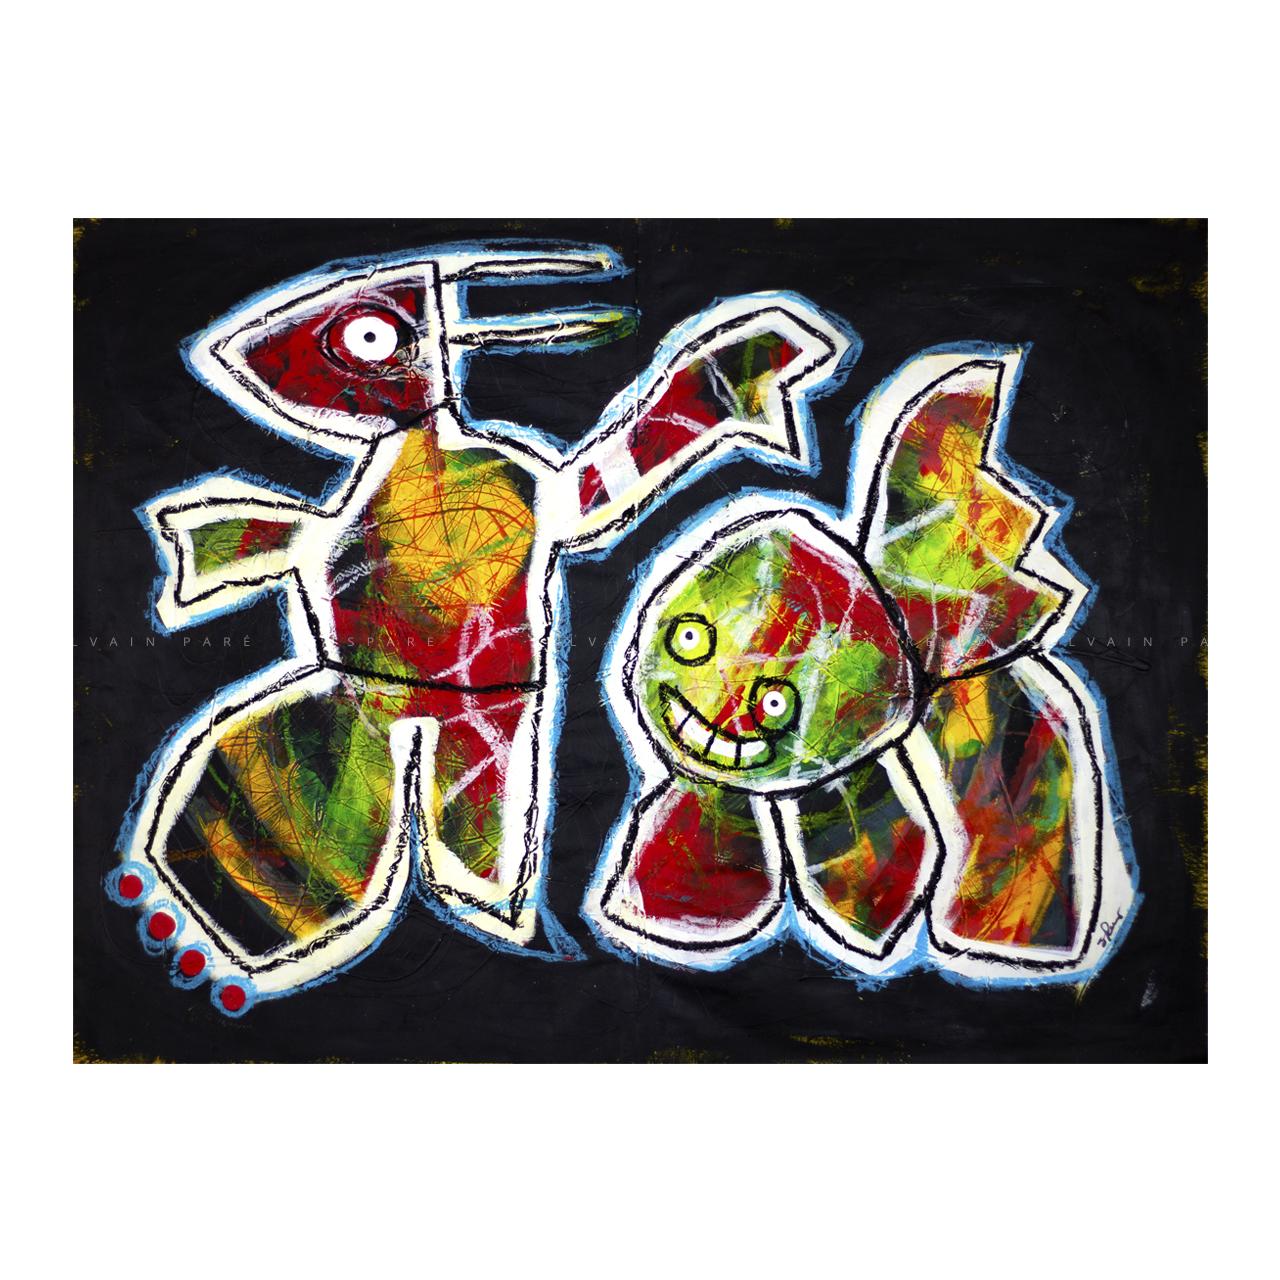 sylvain-pare-spare-artwork-1280x1280_IMG_0101.jpg